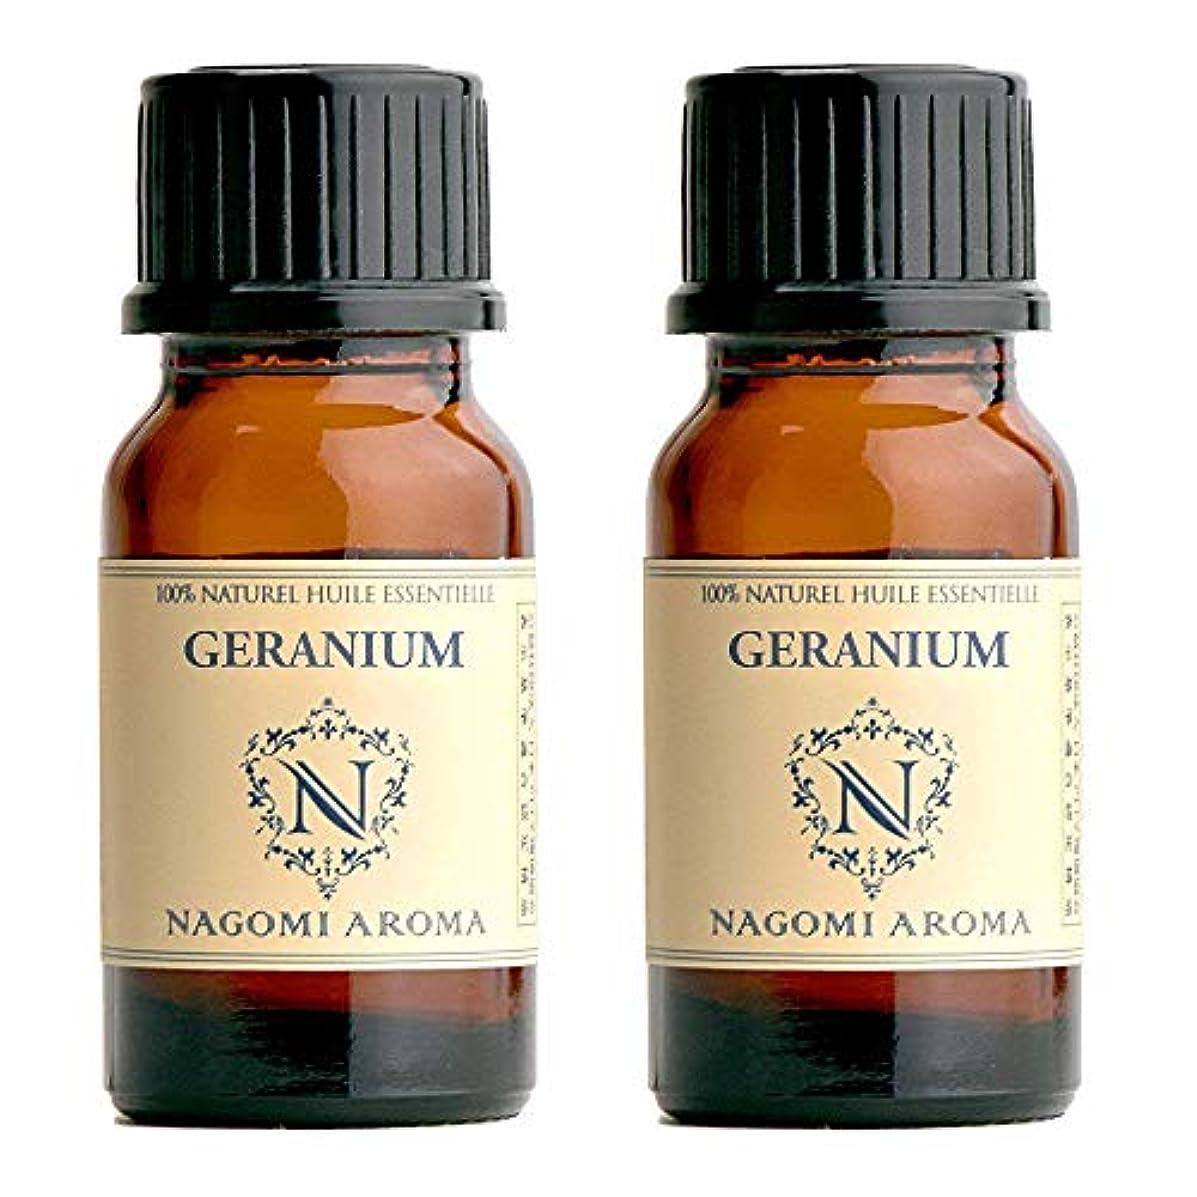 アンプ障害者行政NAGOMI AROMA ゼラニウム 10ml 【AEAJ認定精油】【アロマオイル】 2個セット